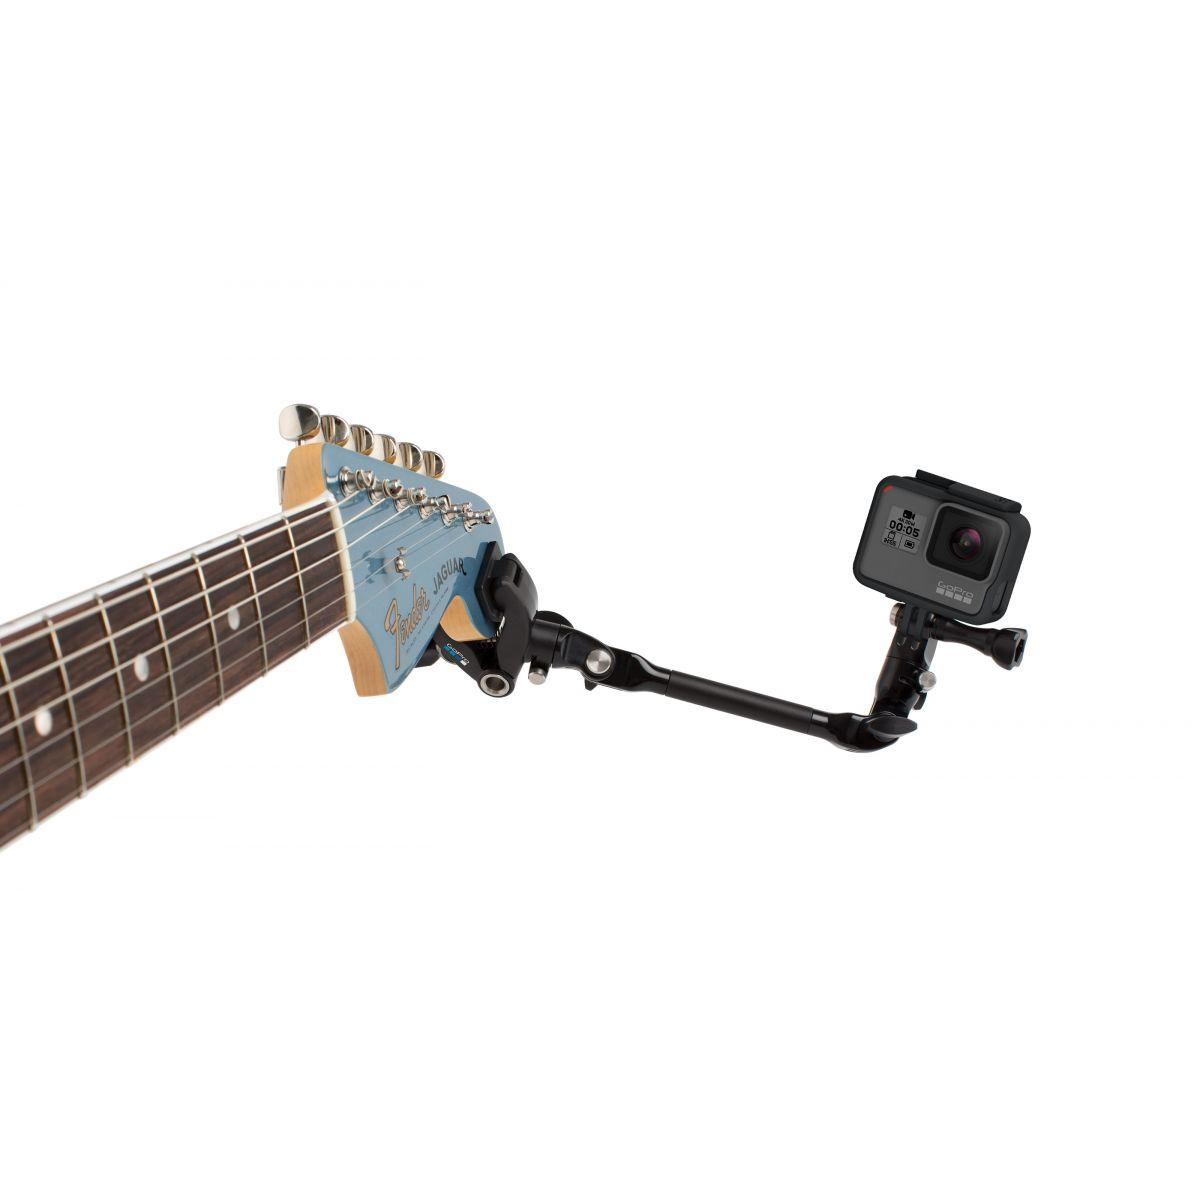 Suporte de Guitarra e Bateria The Jam Original para Câmeras GoPro Hero SJCam Xiaomi